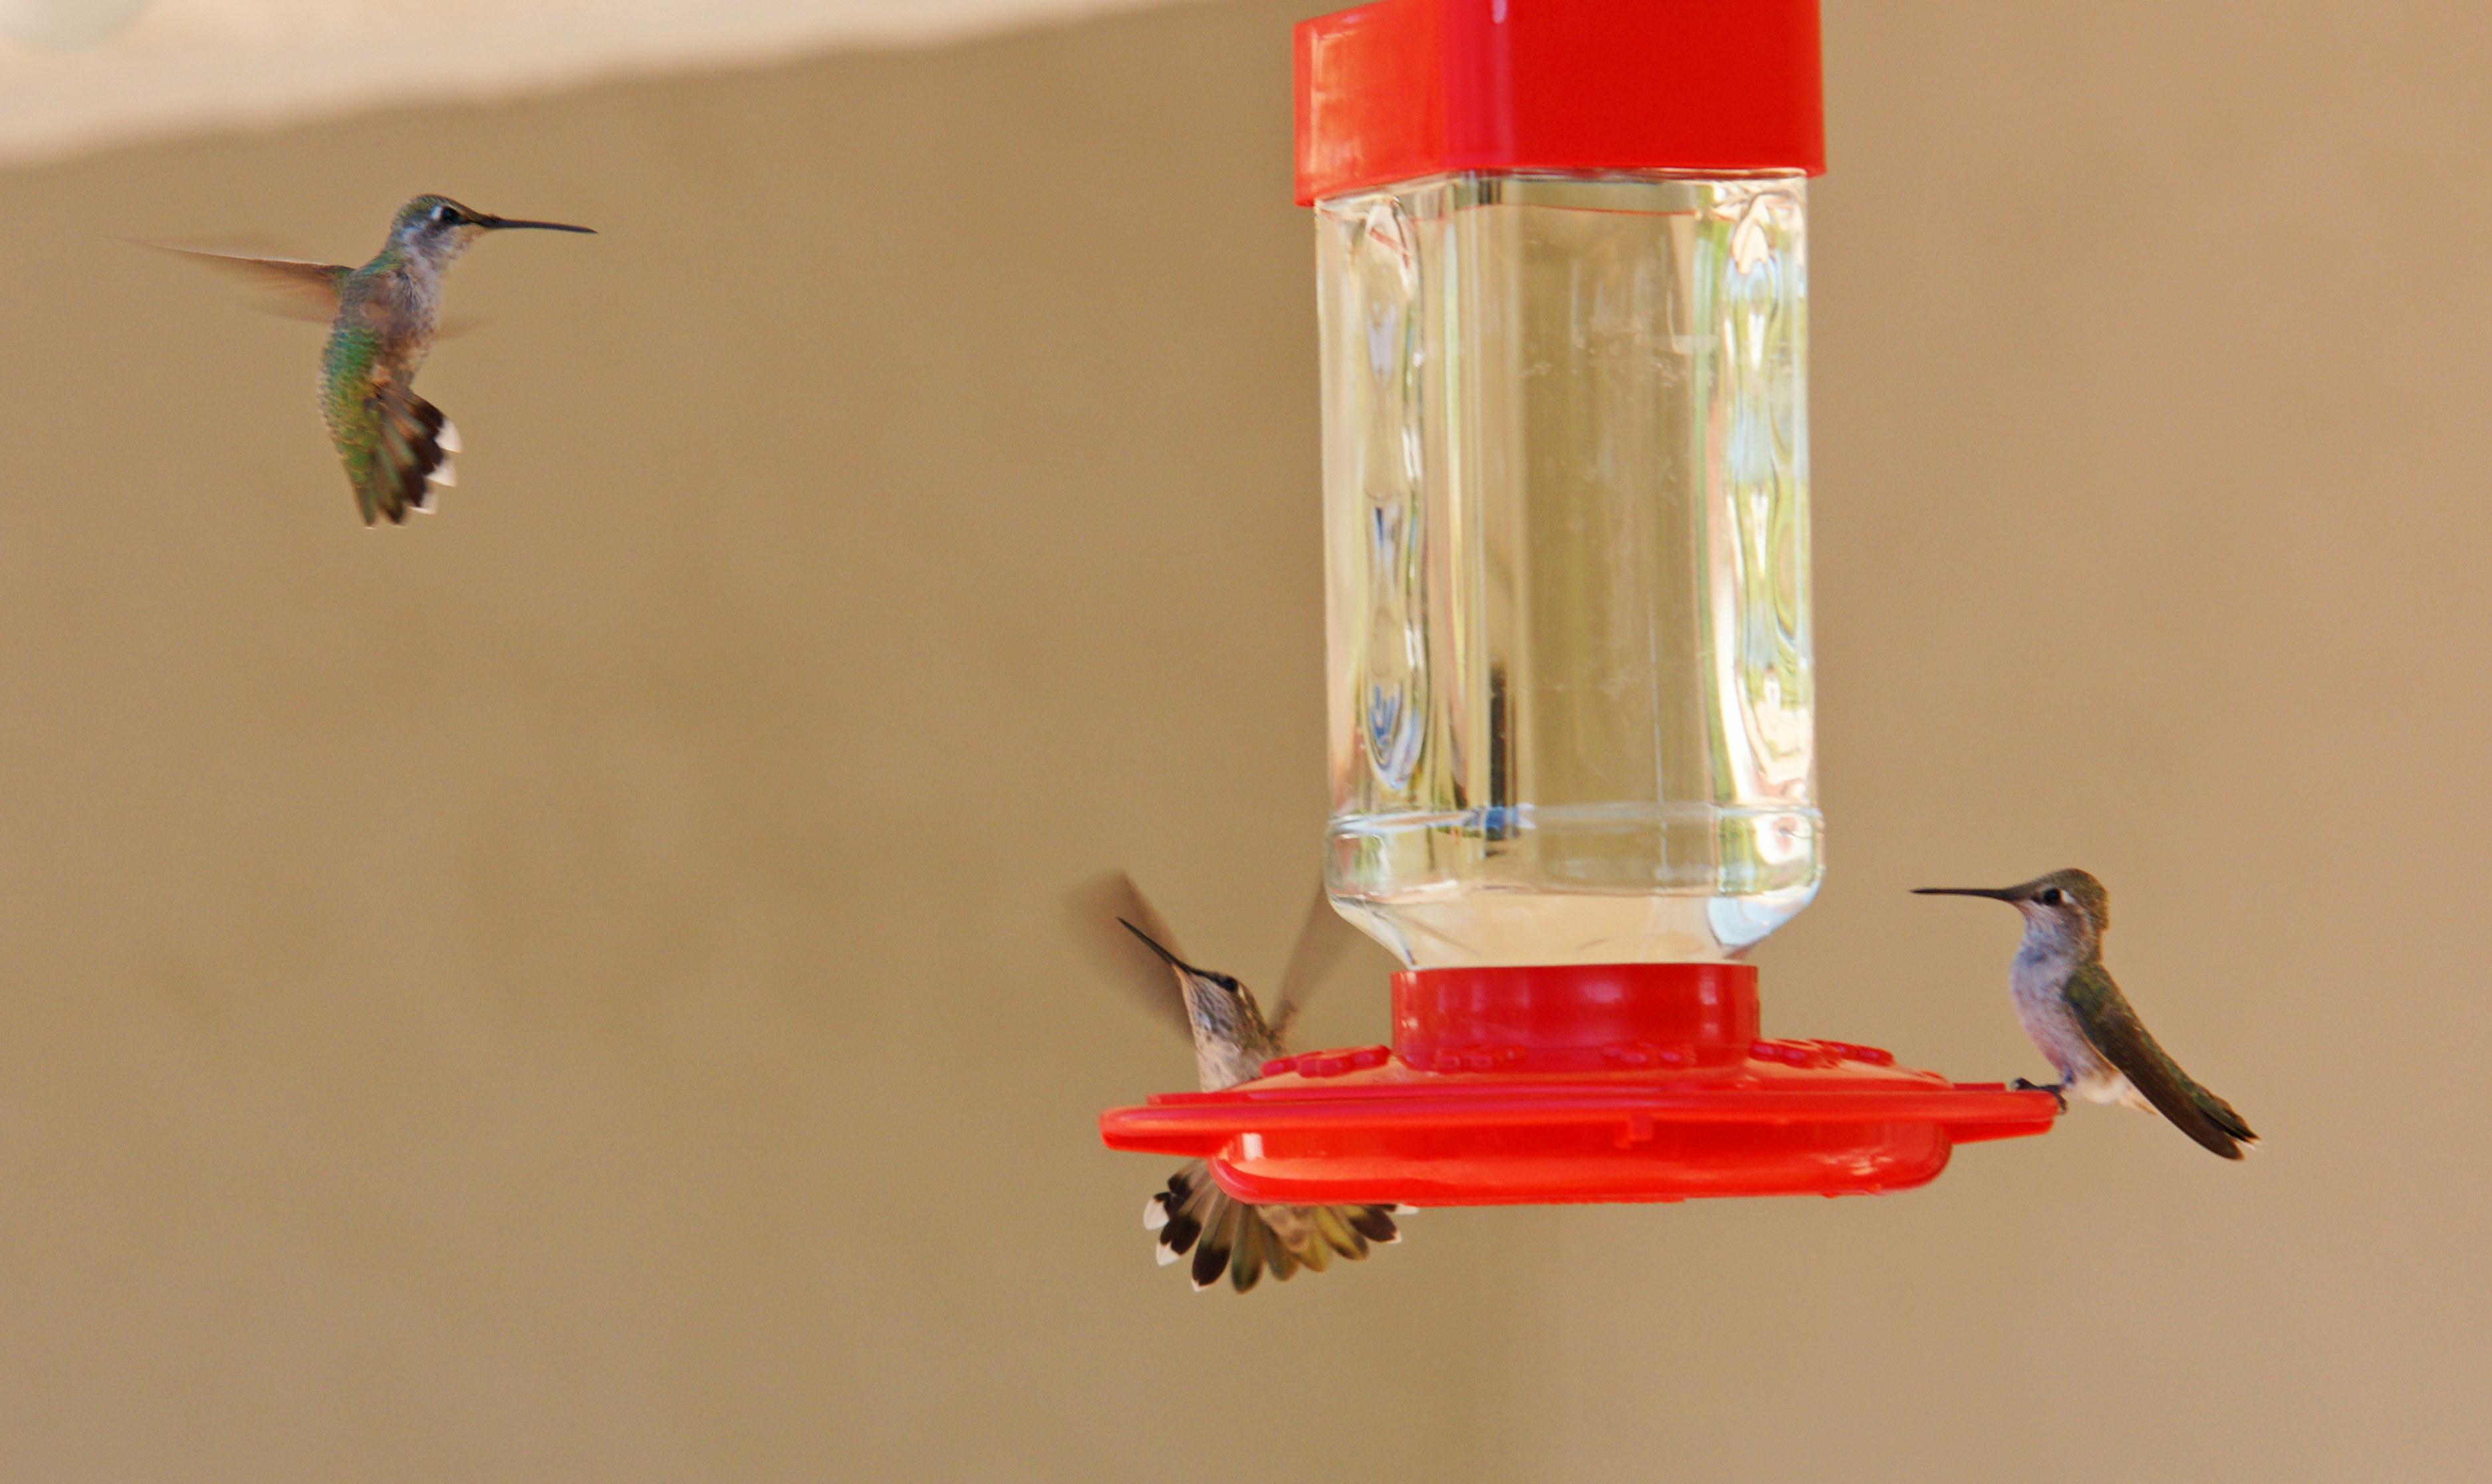 HummingbirdsGallery29